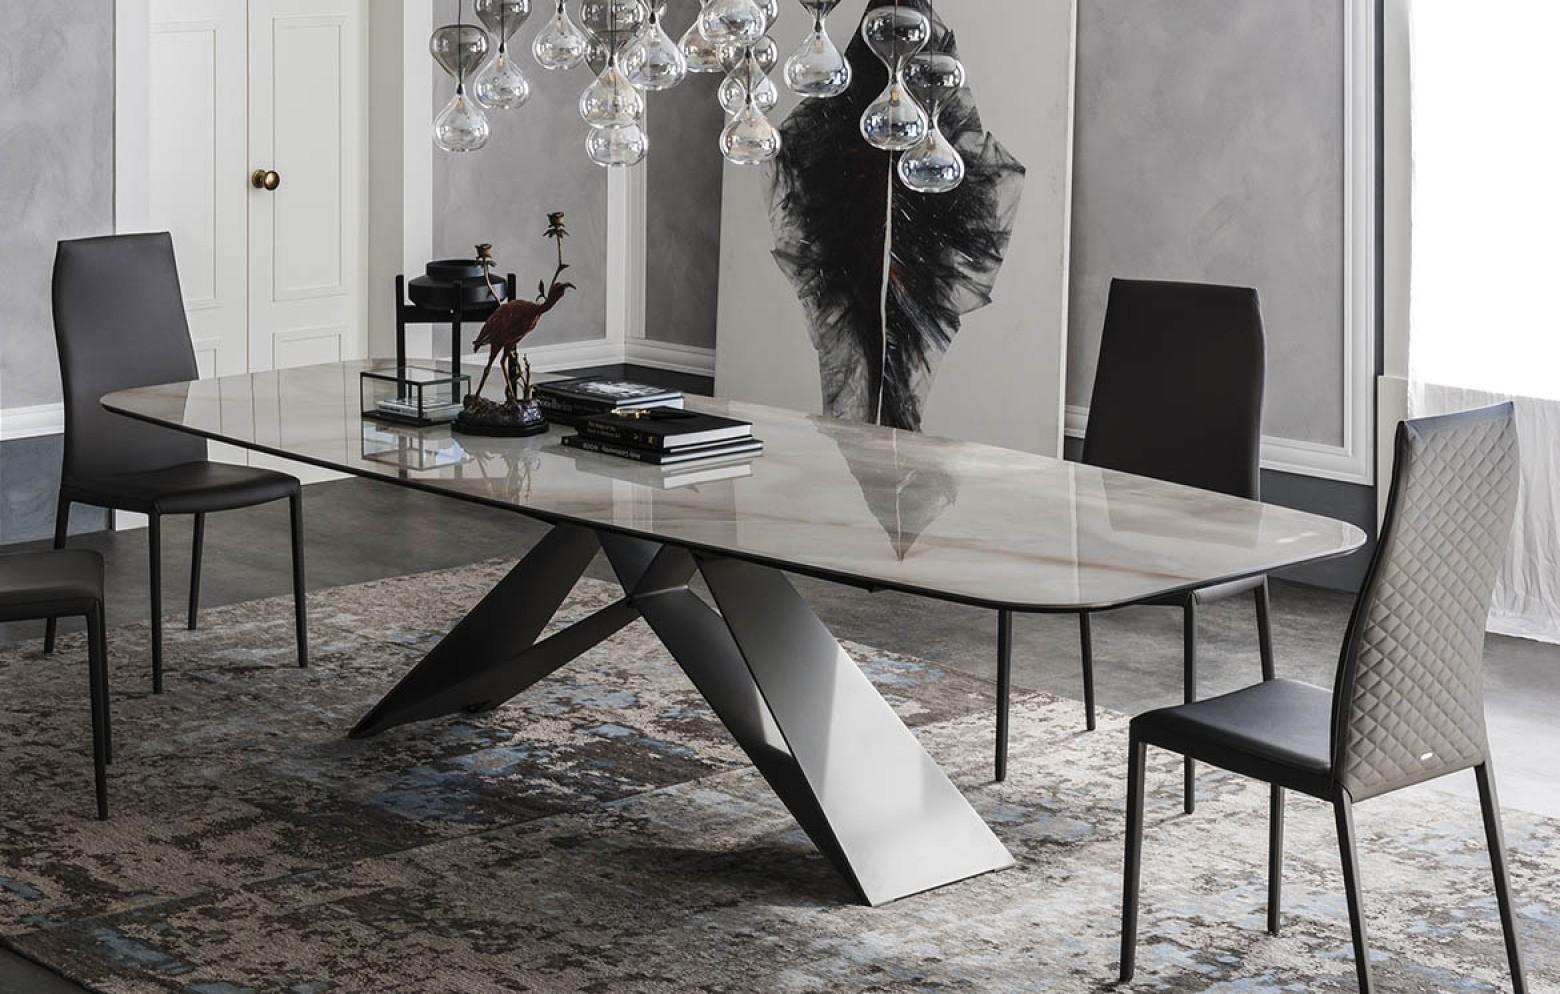 Full Size of Esstische Premier Keramik Esstisch Tische Sthle Whos Holz Ausziehbar Massivholz Runde Design Kleine Designer Rund Moderne Massiv Esstische Esstische